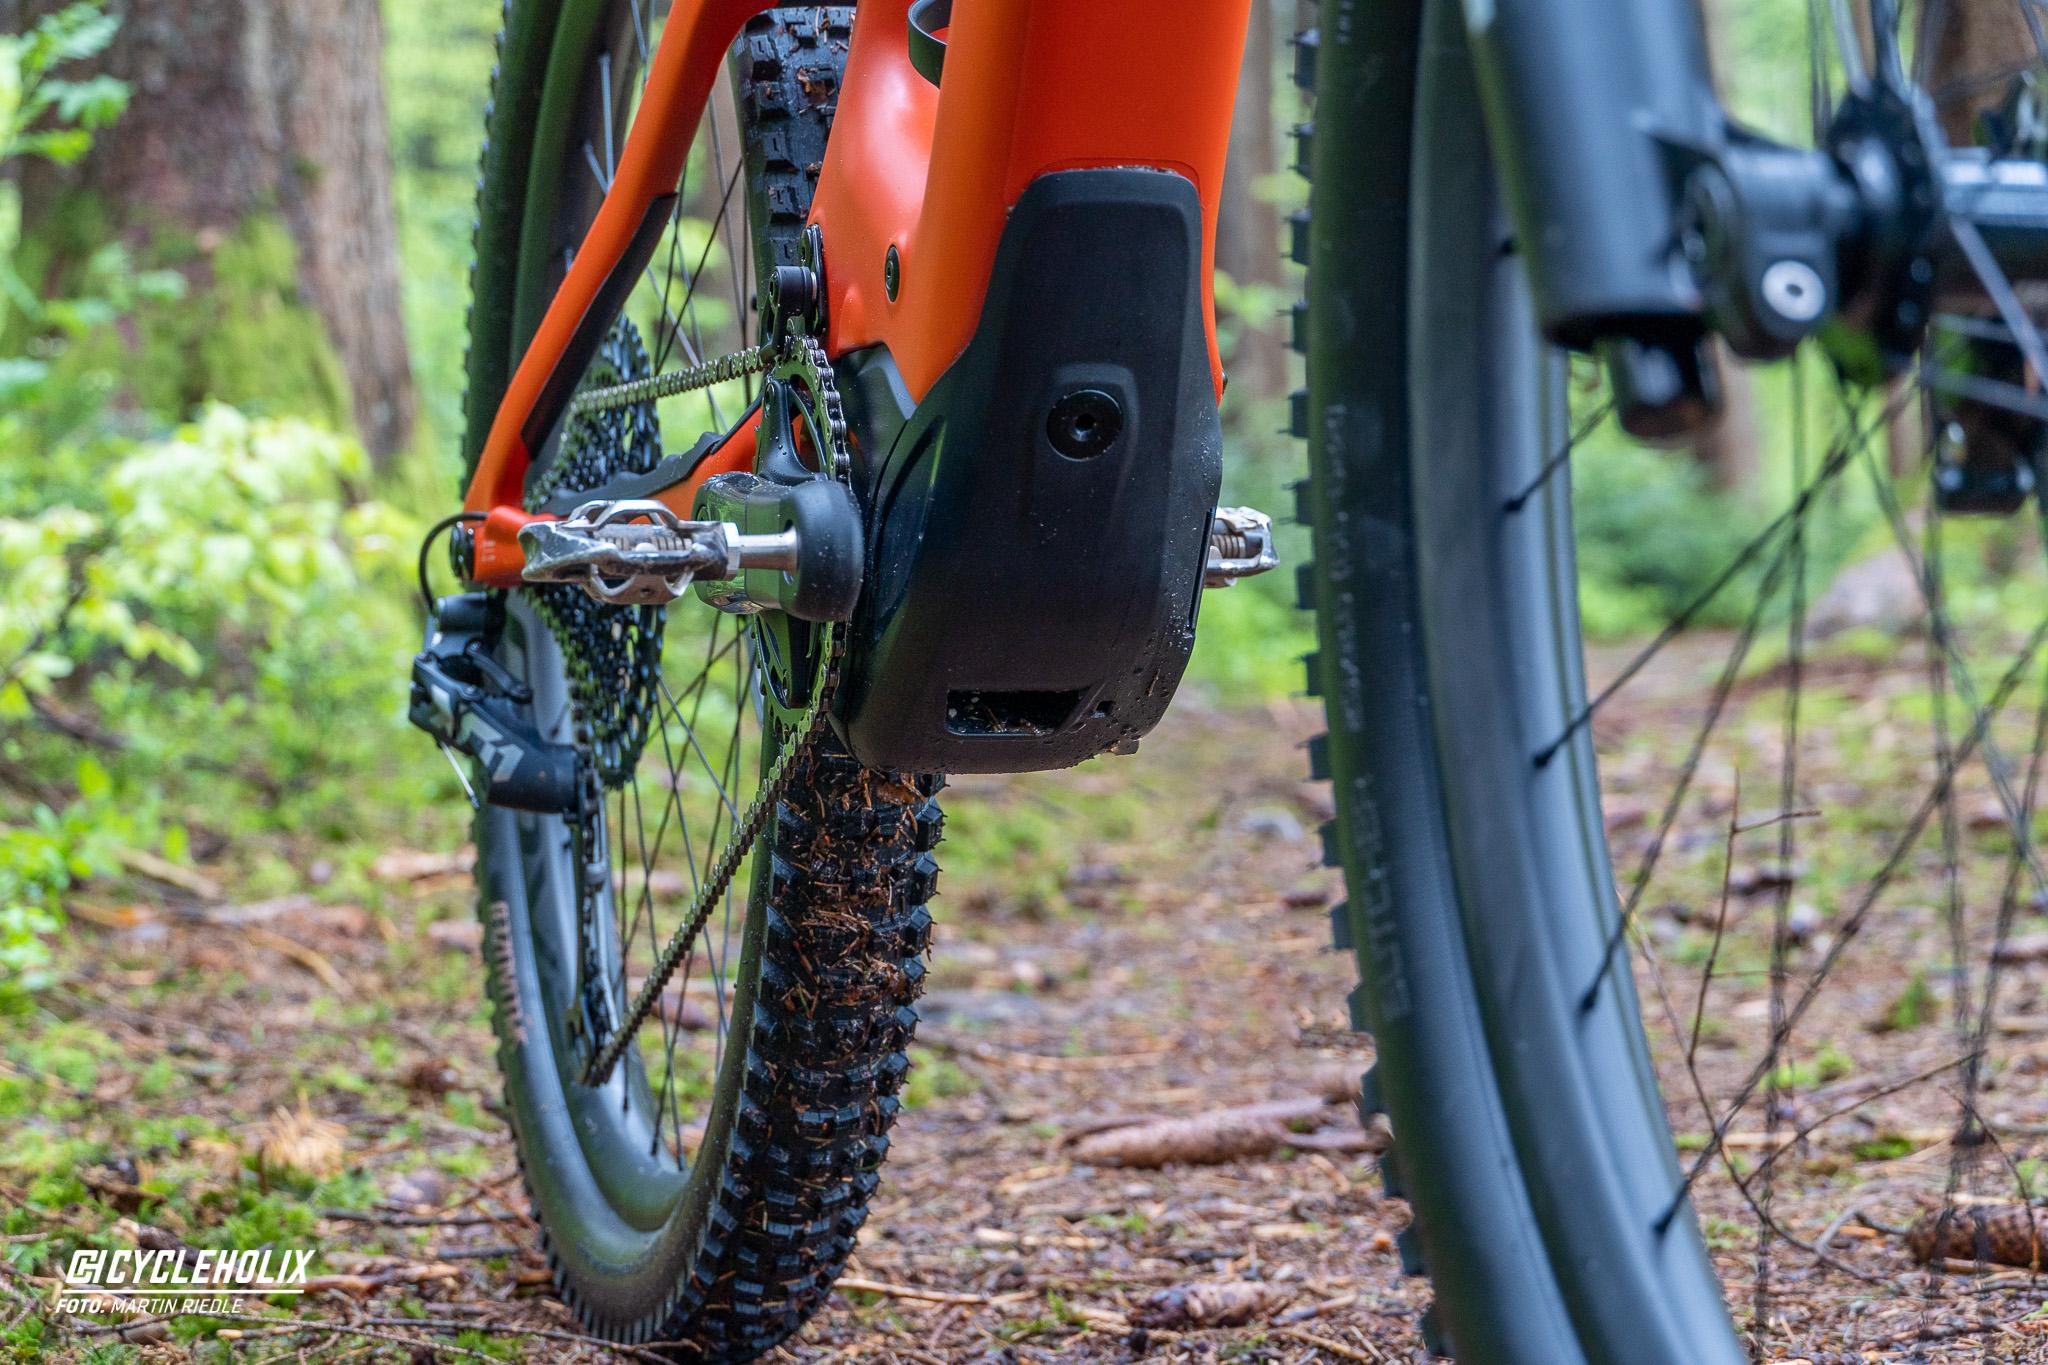 Specialized Levo 12 Cycleholix